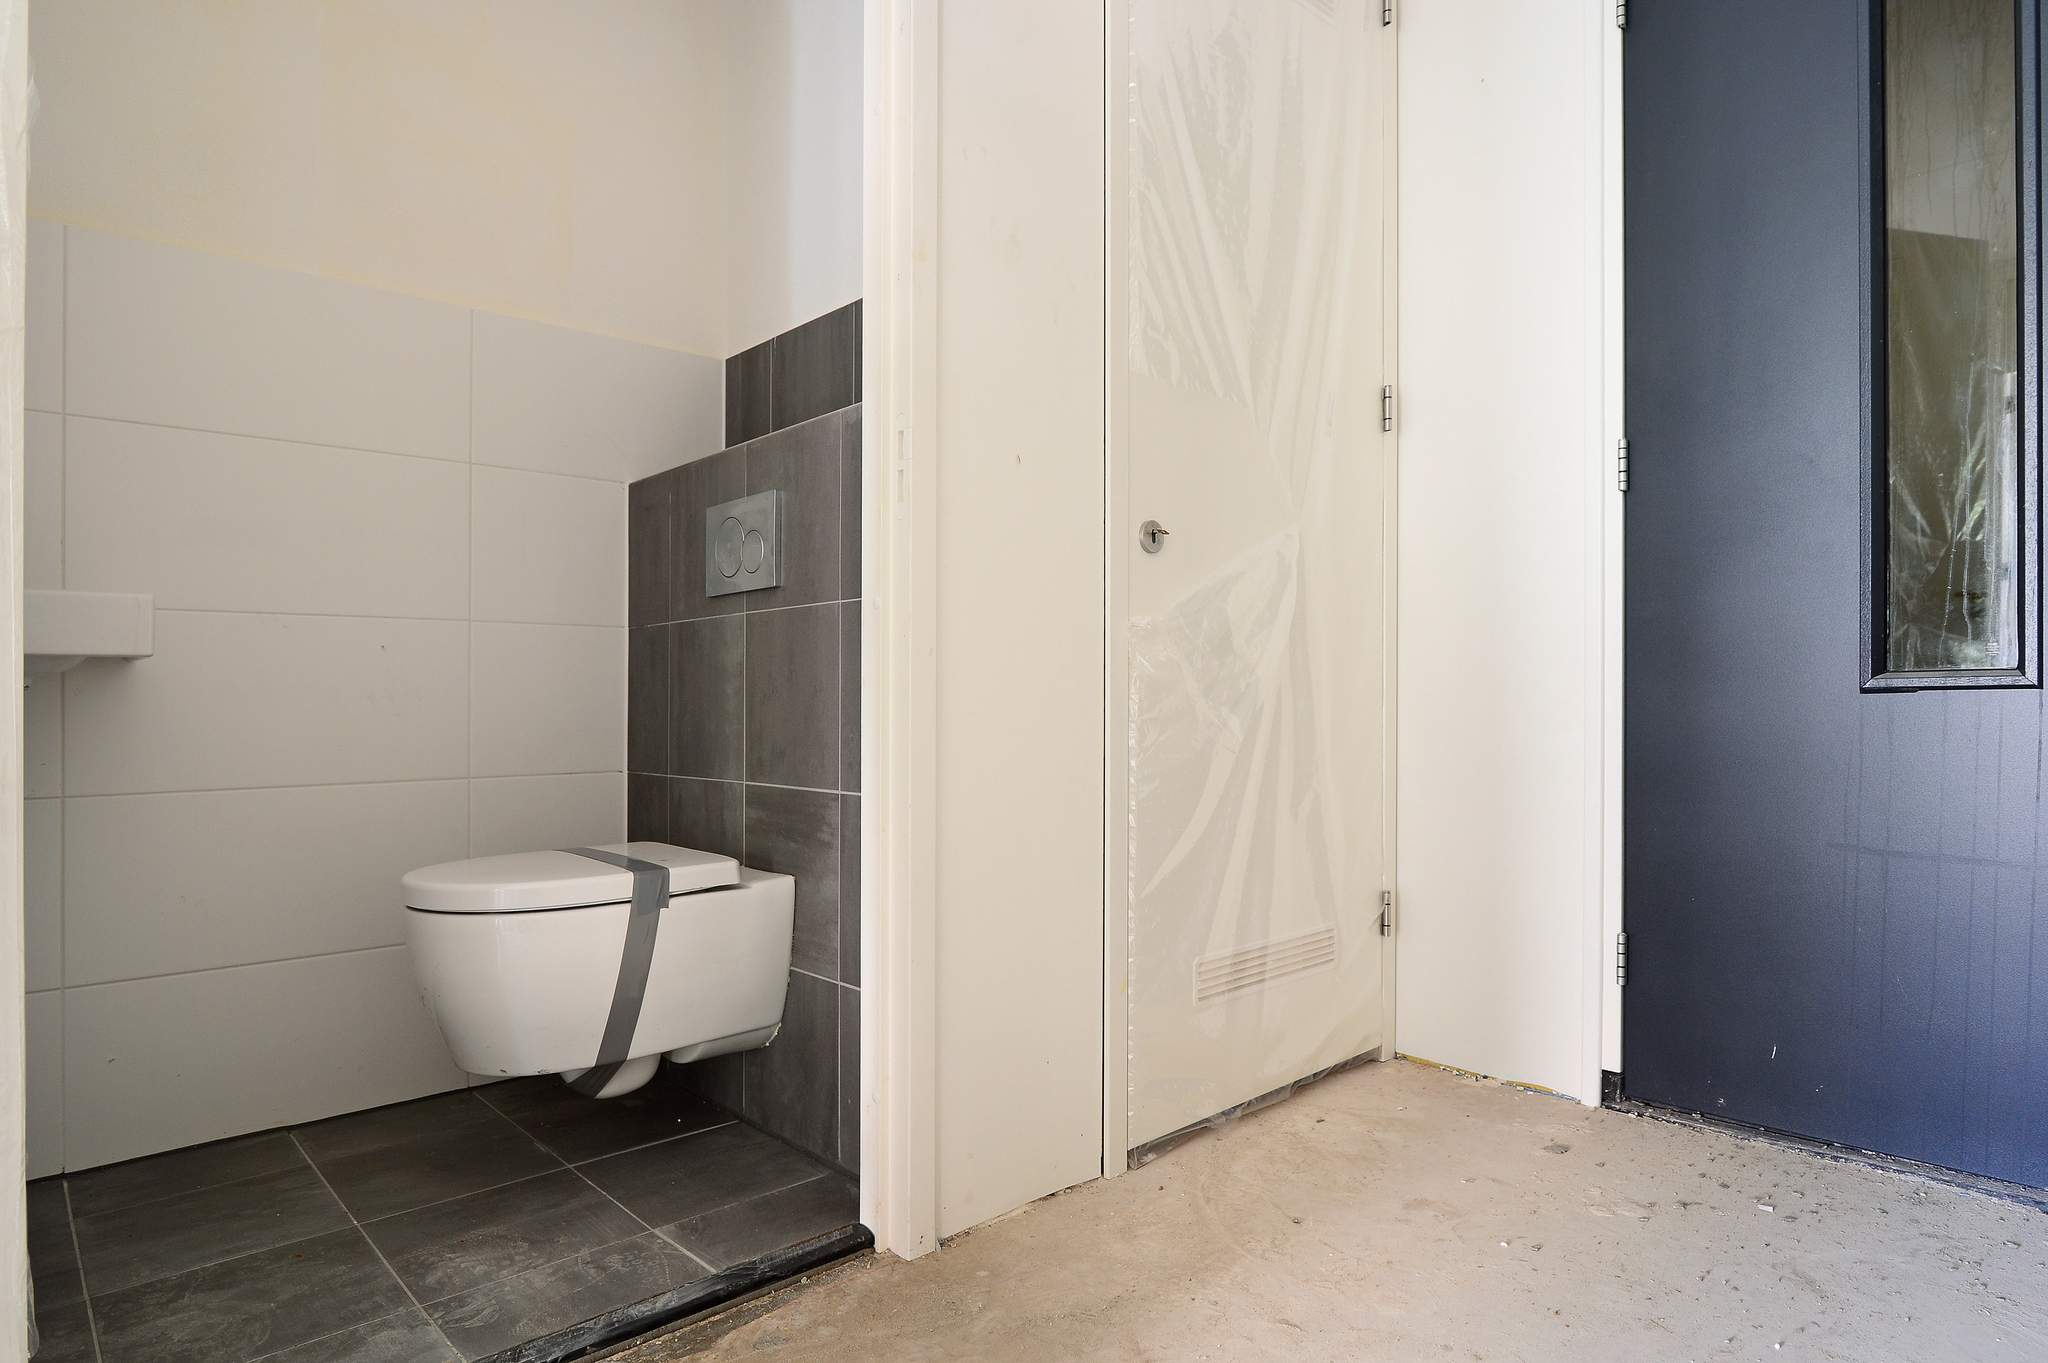 Te huur : Appartement Boekenroodeweg 15 in Aerdenhout